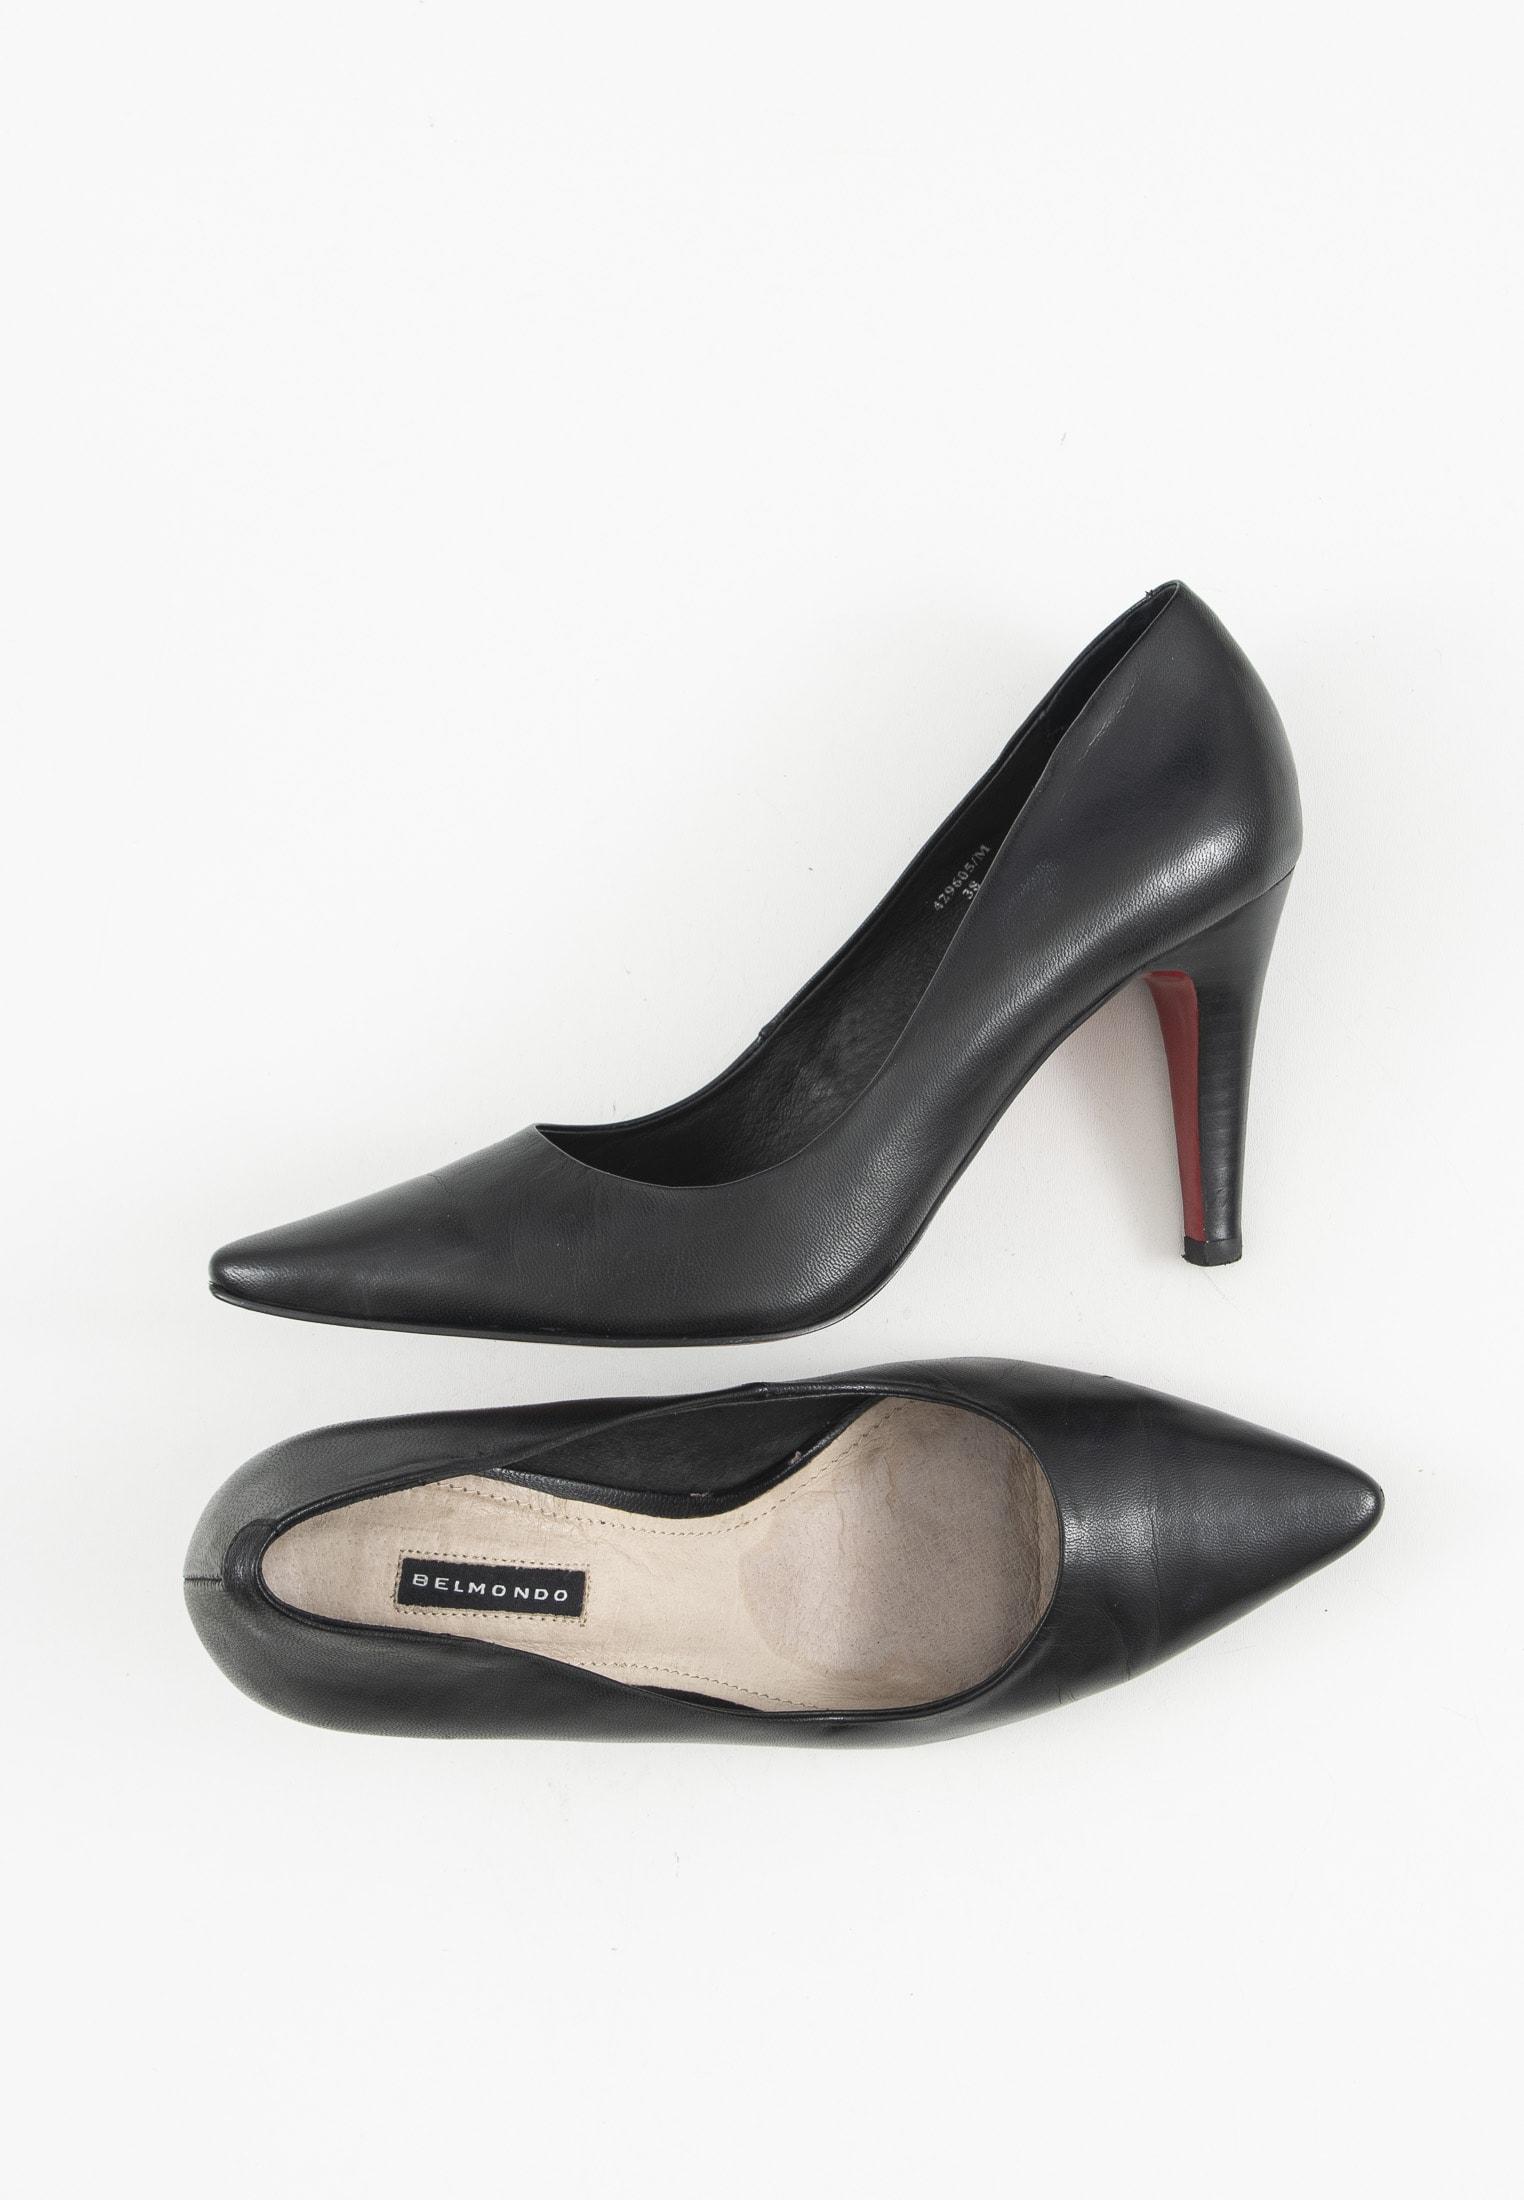 Belmondo Stiefel / Stiefelette / Boots Schwarz Gr.38